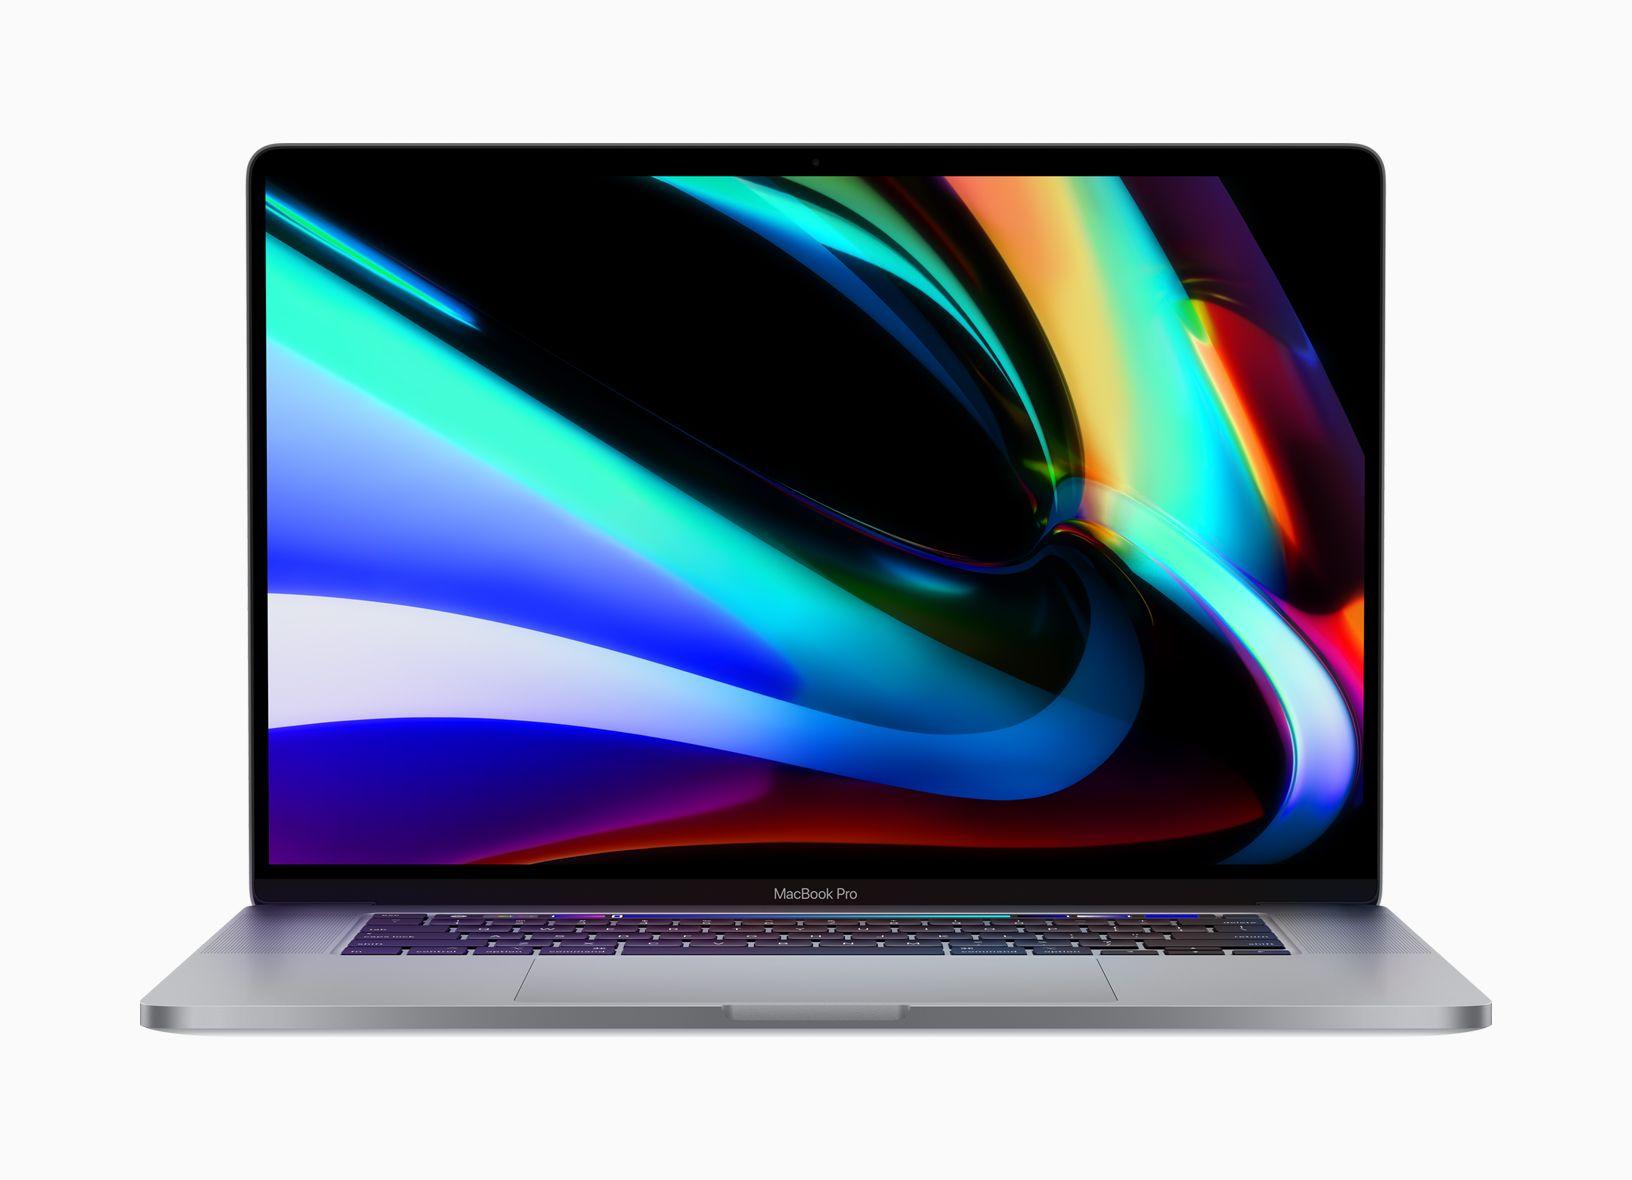 Apple gjør som alle ryktene hadde pekt på, og lanserer en ny 16-tommers MacBook Pro.